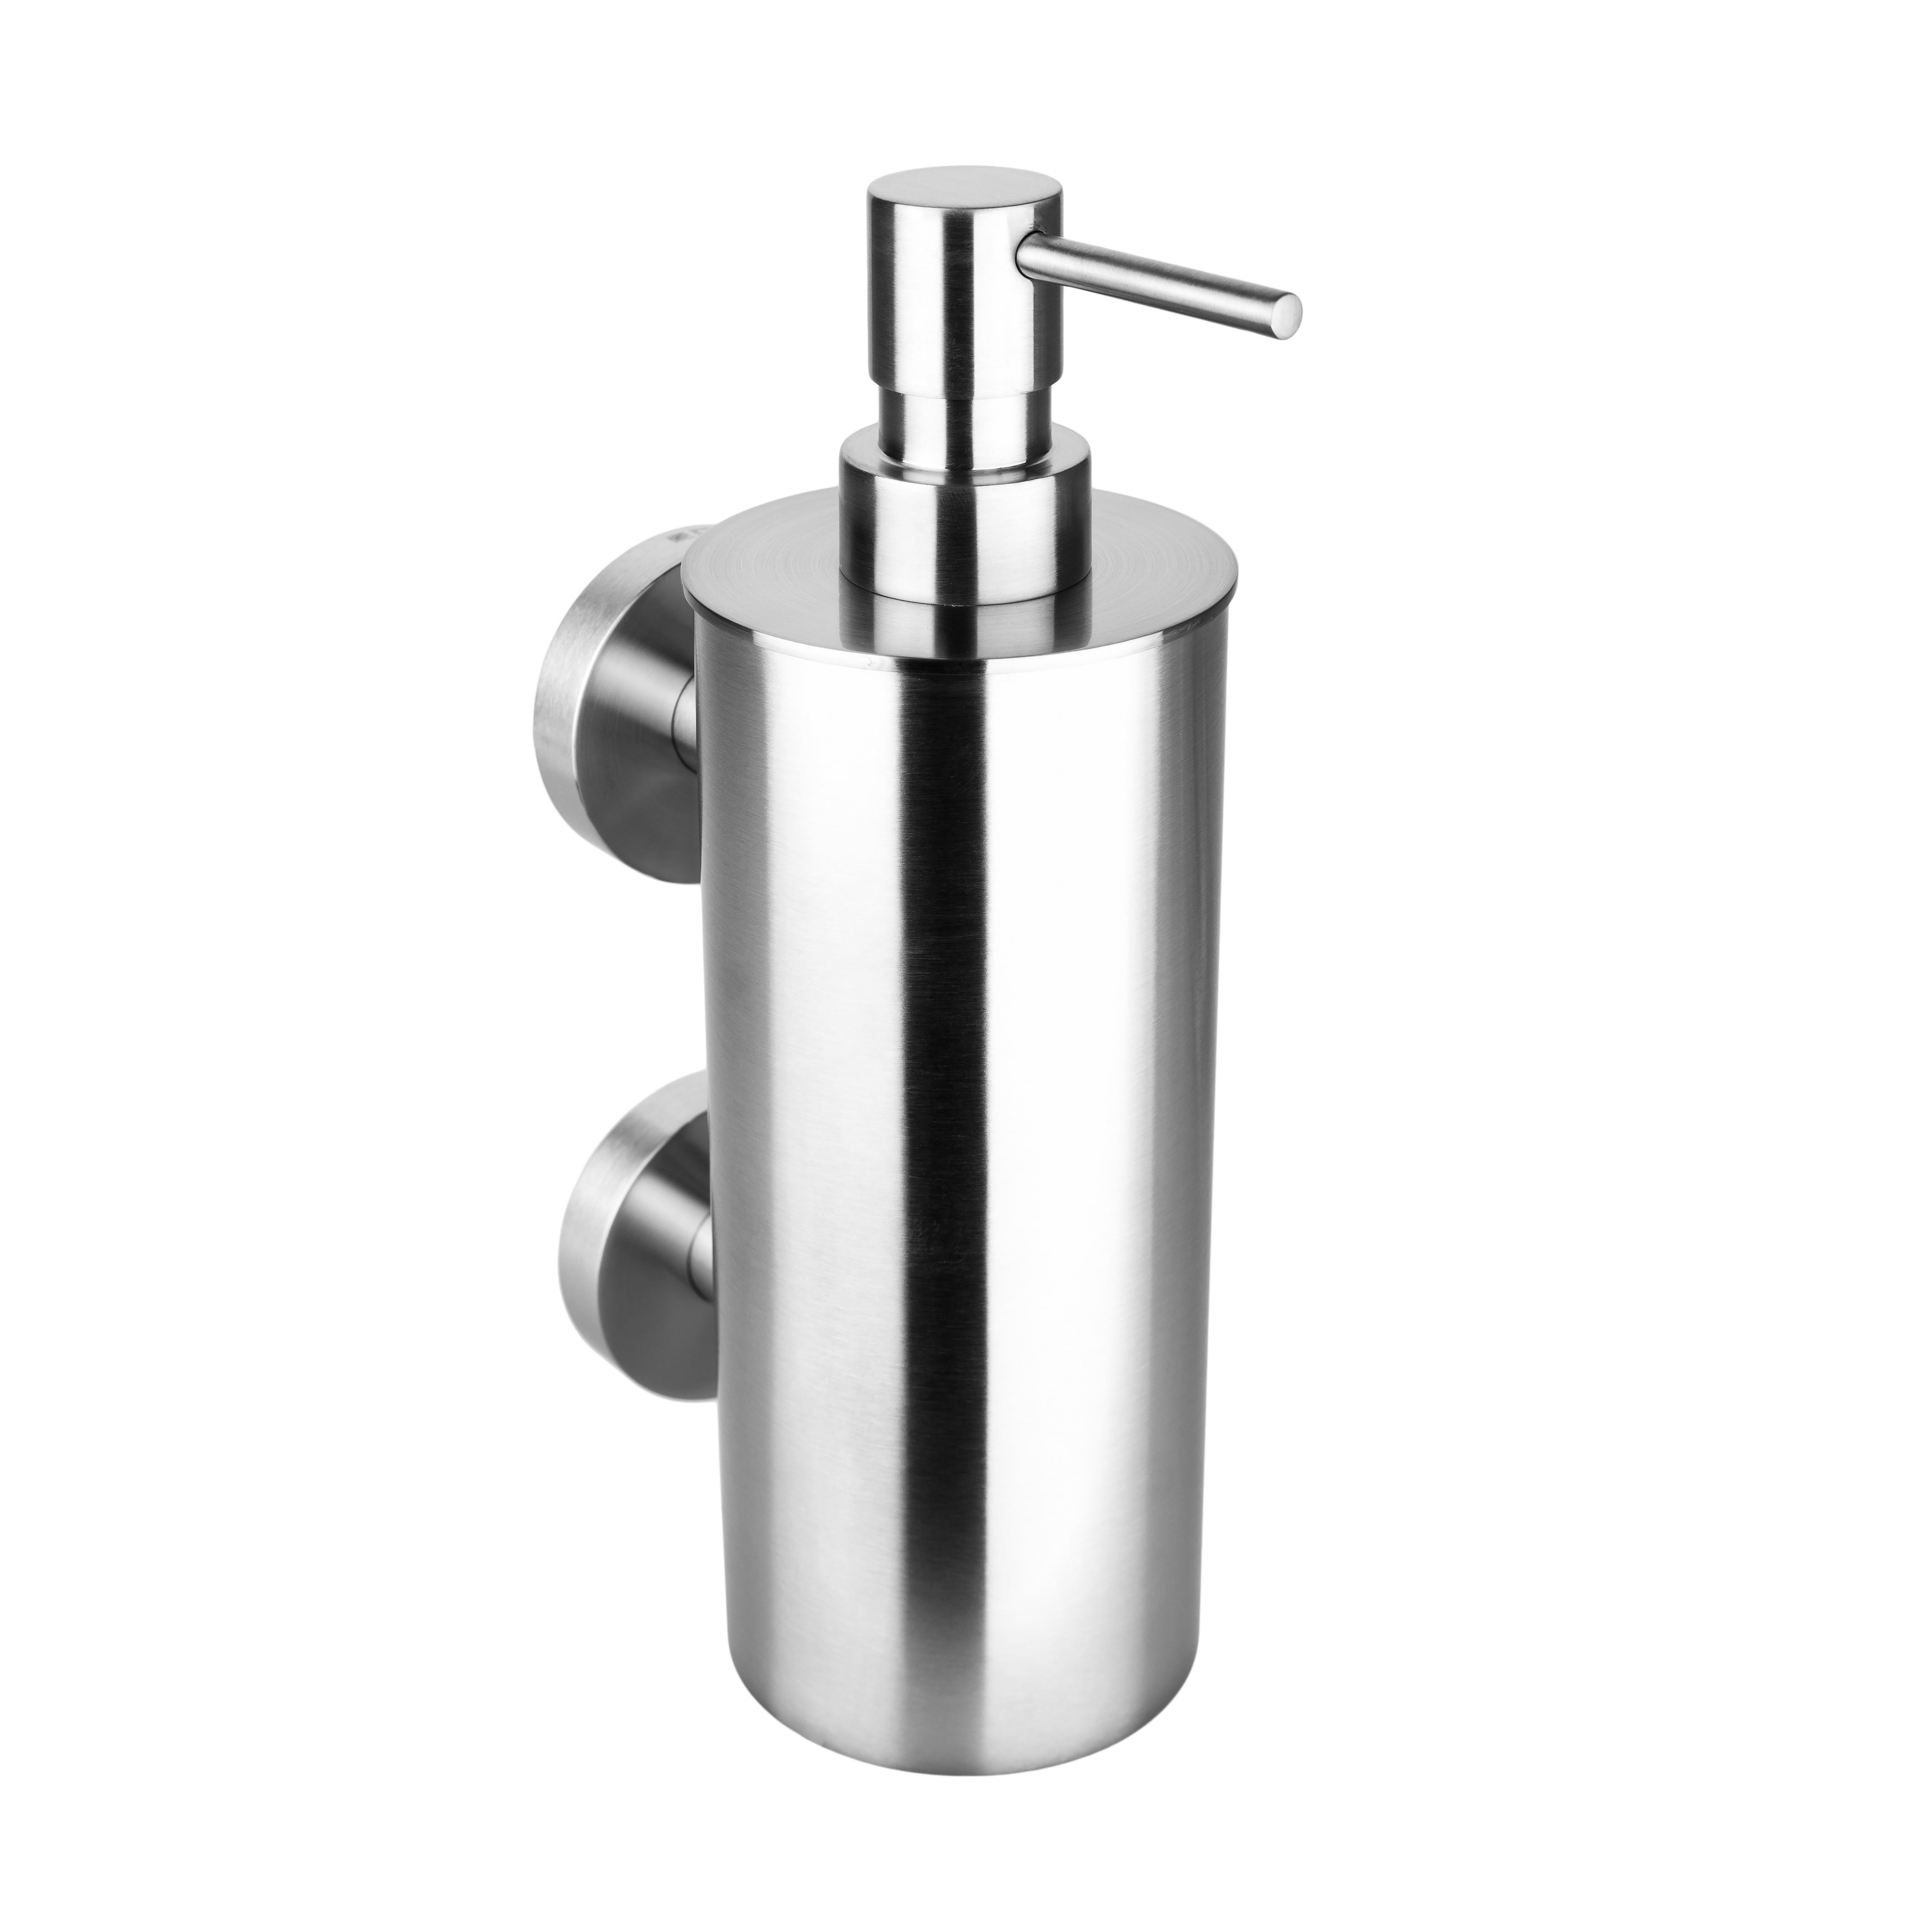 Настенный дозатор для жидкого мыла (большой металлический стакан), 2 держателя